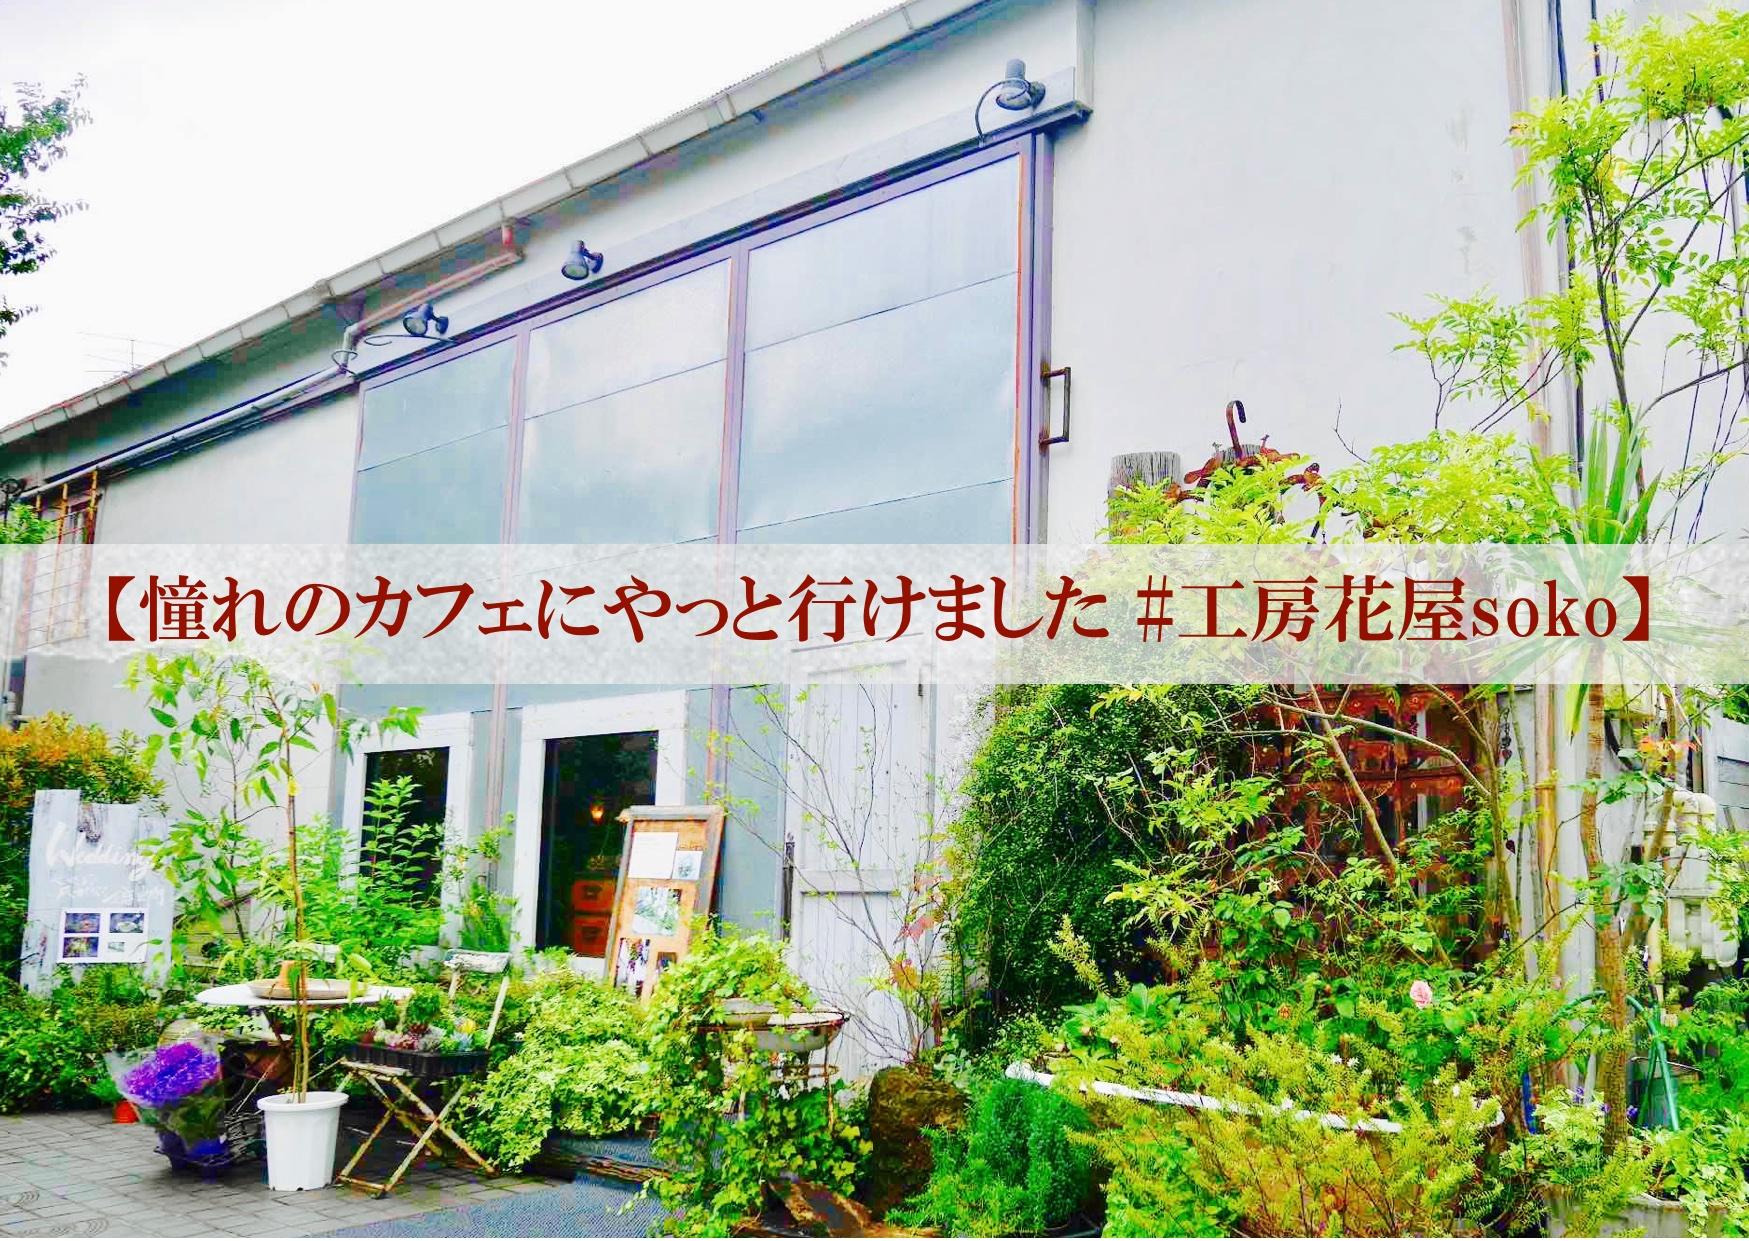 【憧れのカフェにやっと行けました #工房花屋soko】